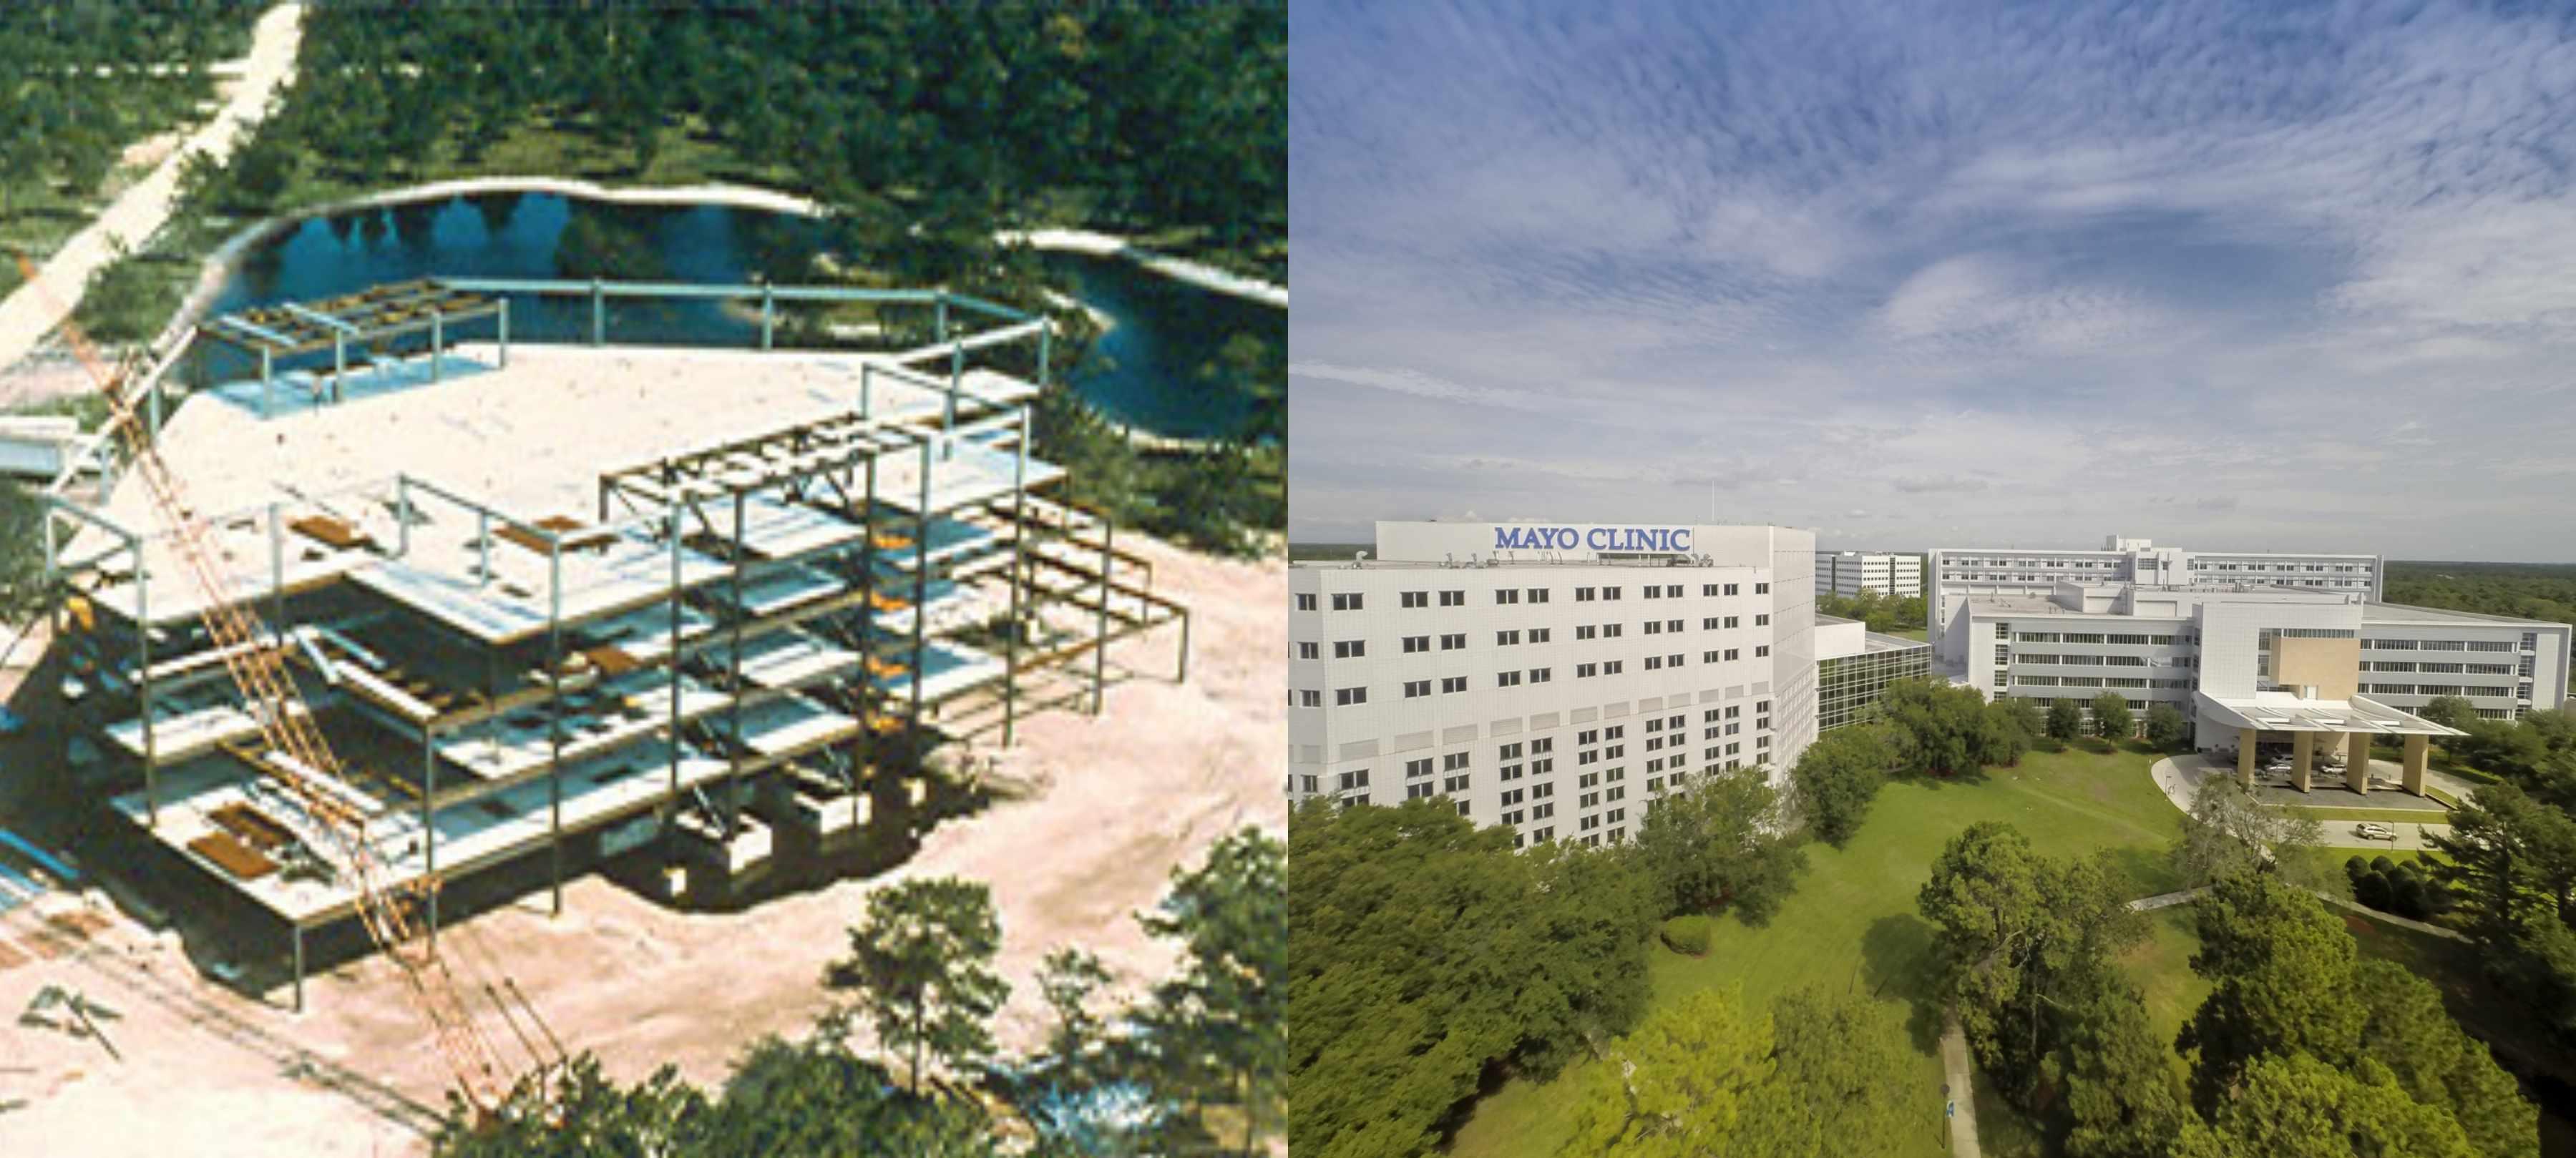 El terreno en 1986, donde se desarrolló por primera vez Mayo Clinic de Florida y gentilmente donado por la familia Davis, y la sede el día de hoy